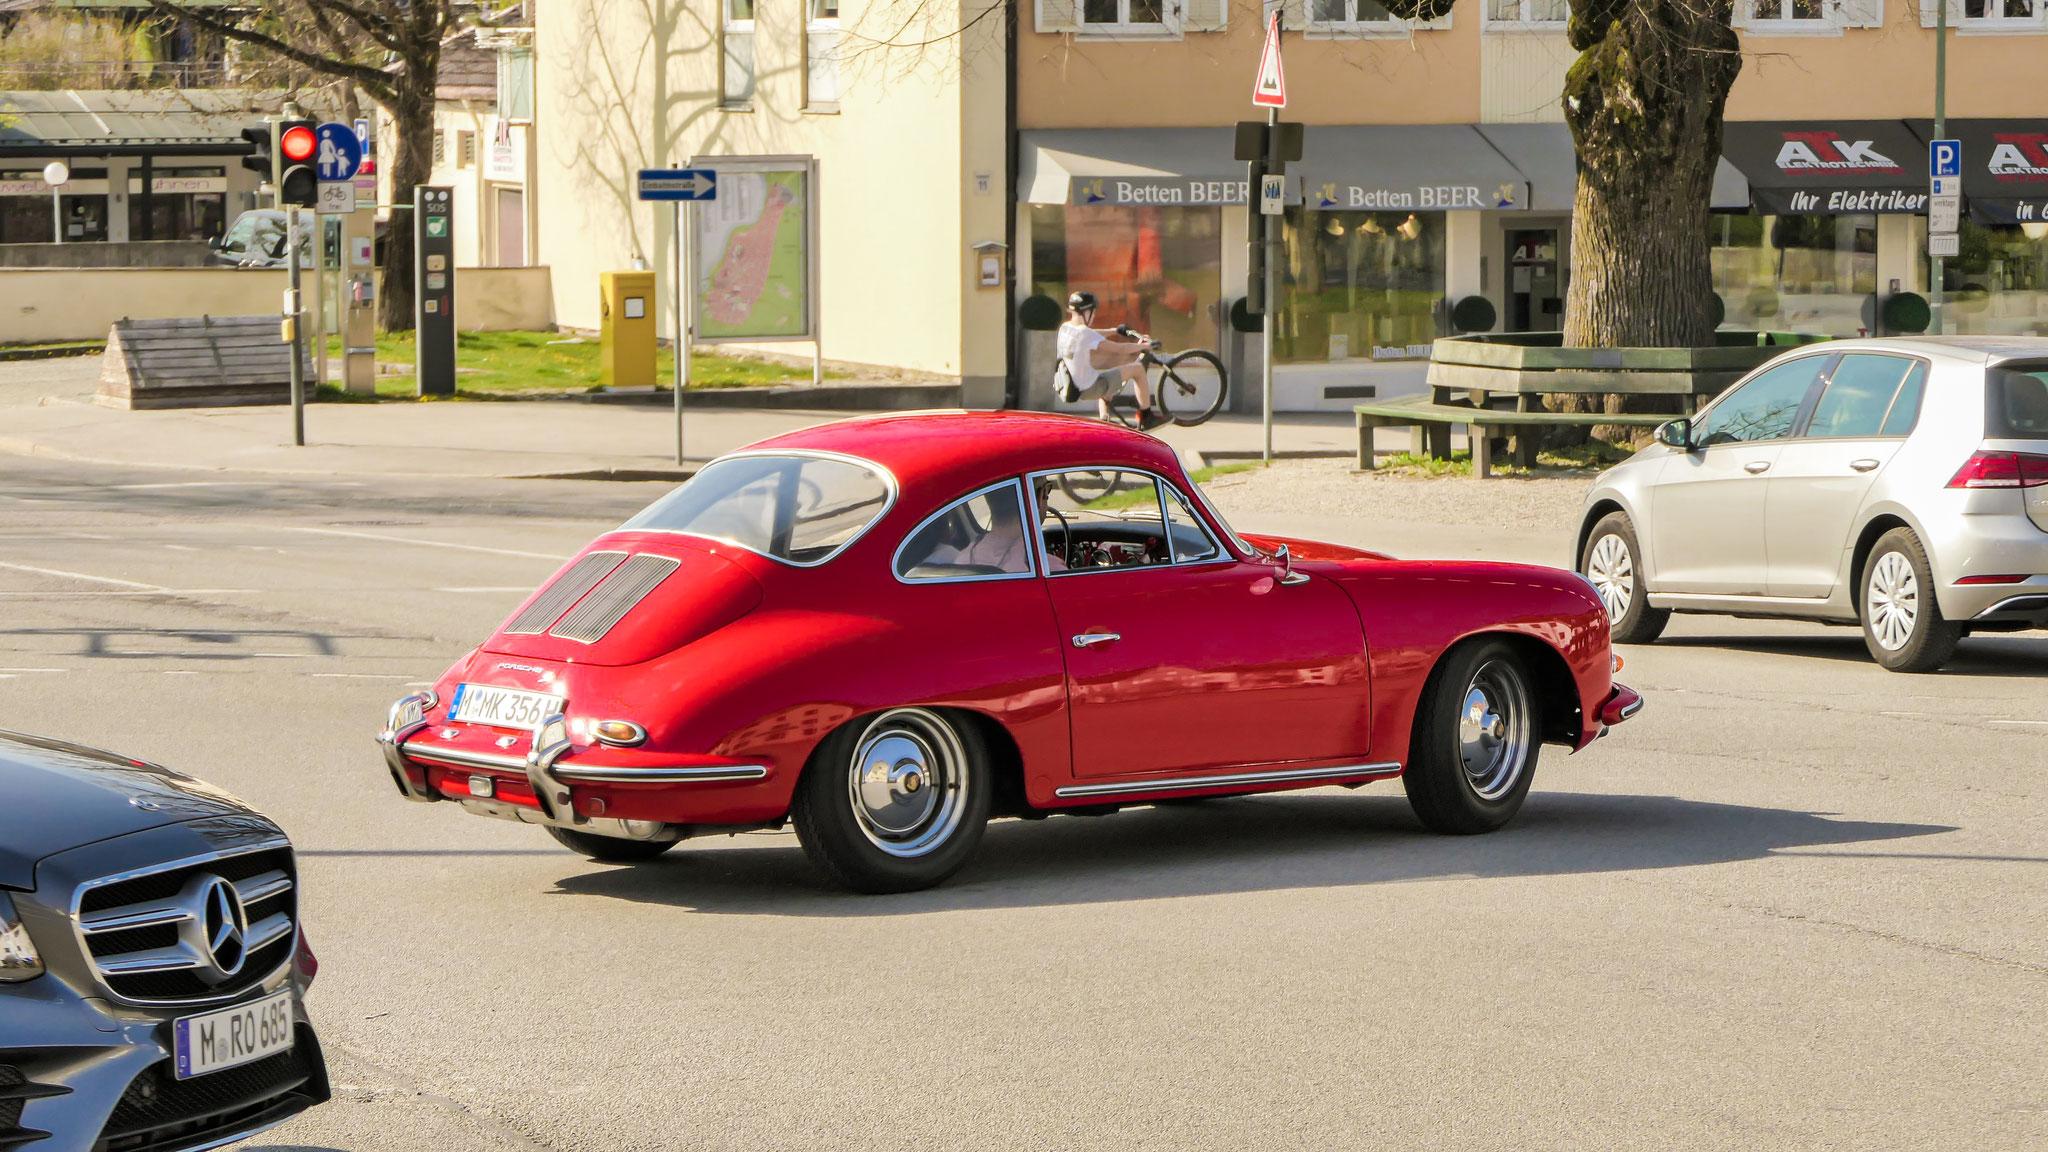 Porsche 356 - M-MK-356H